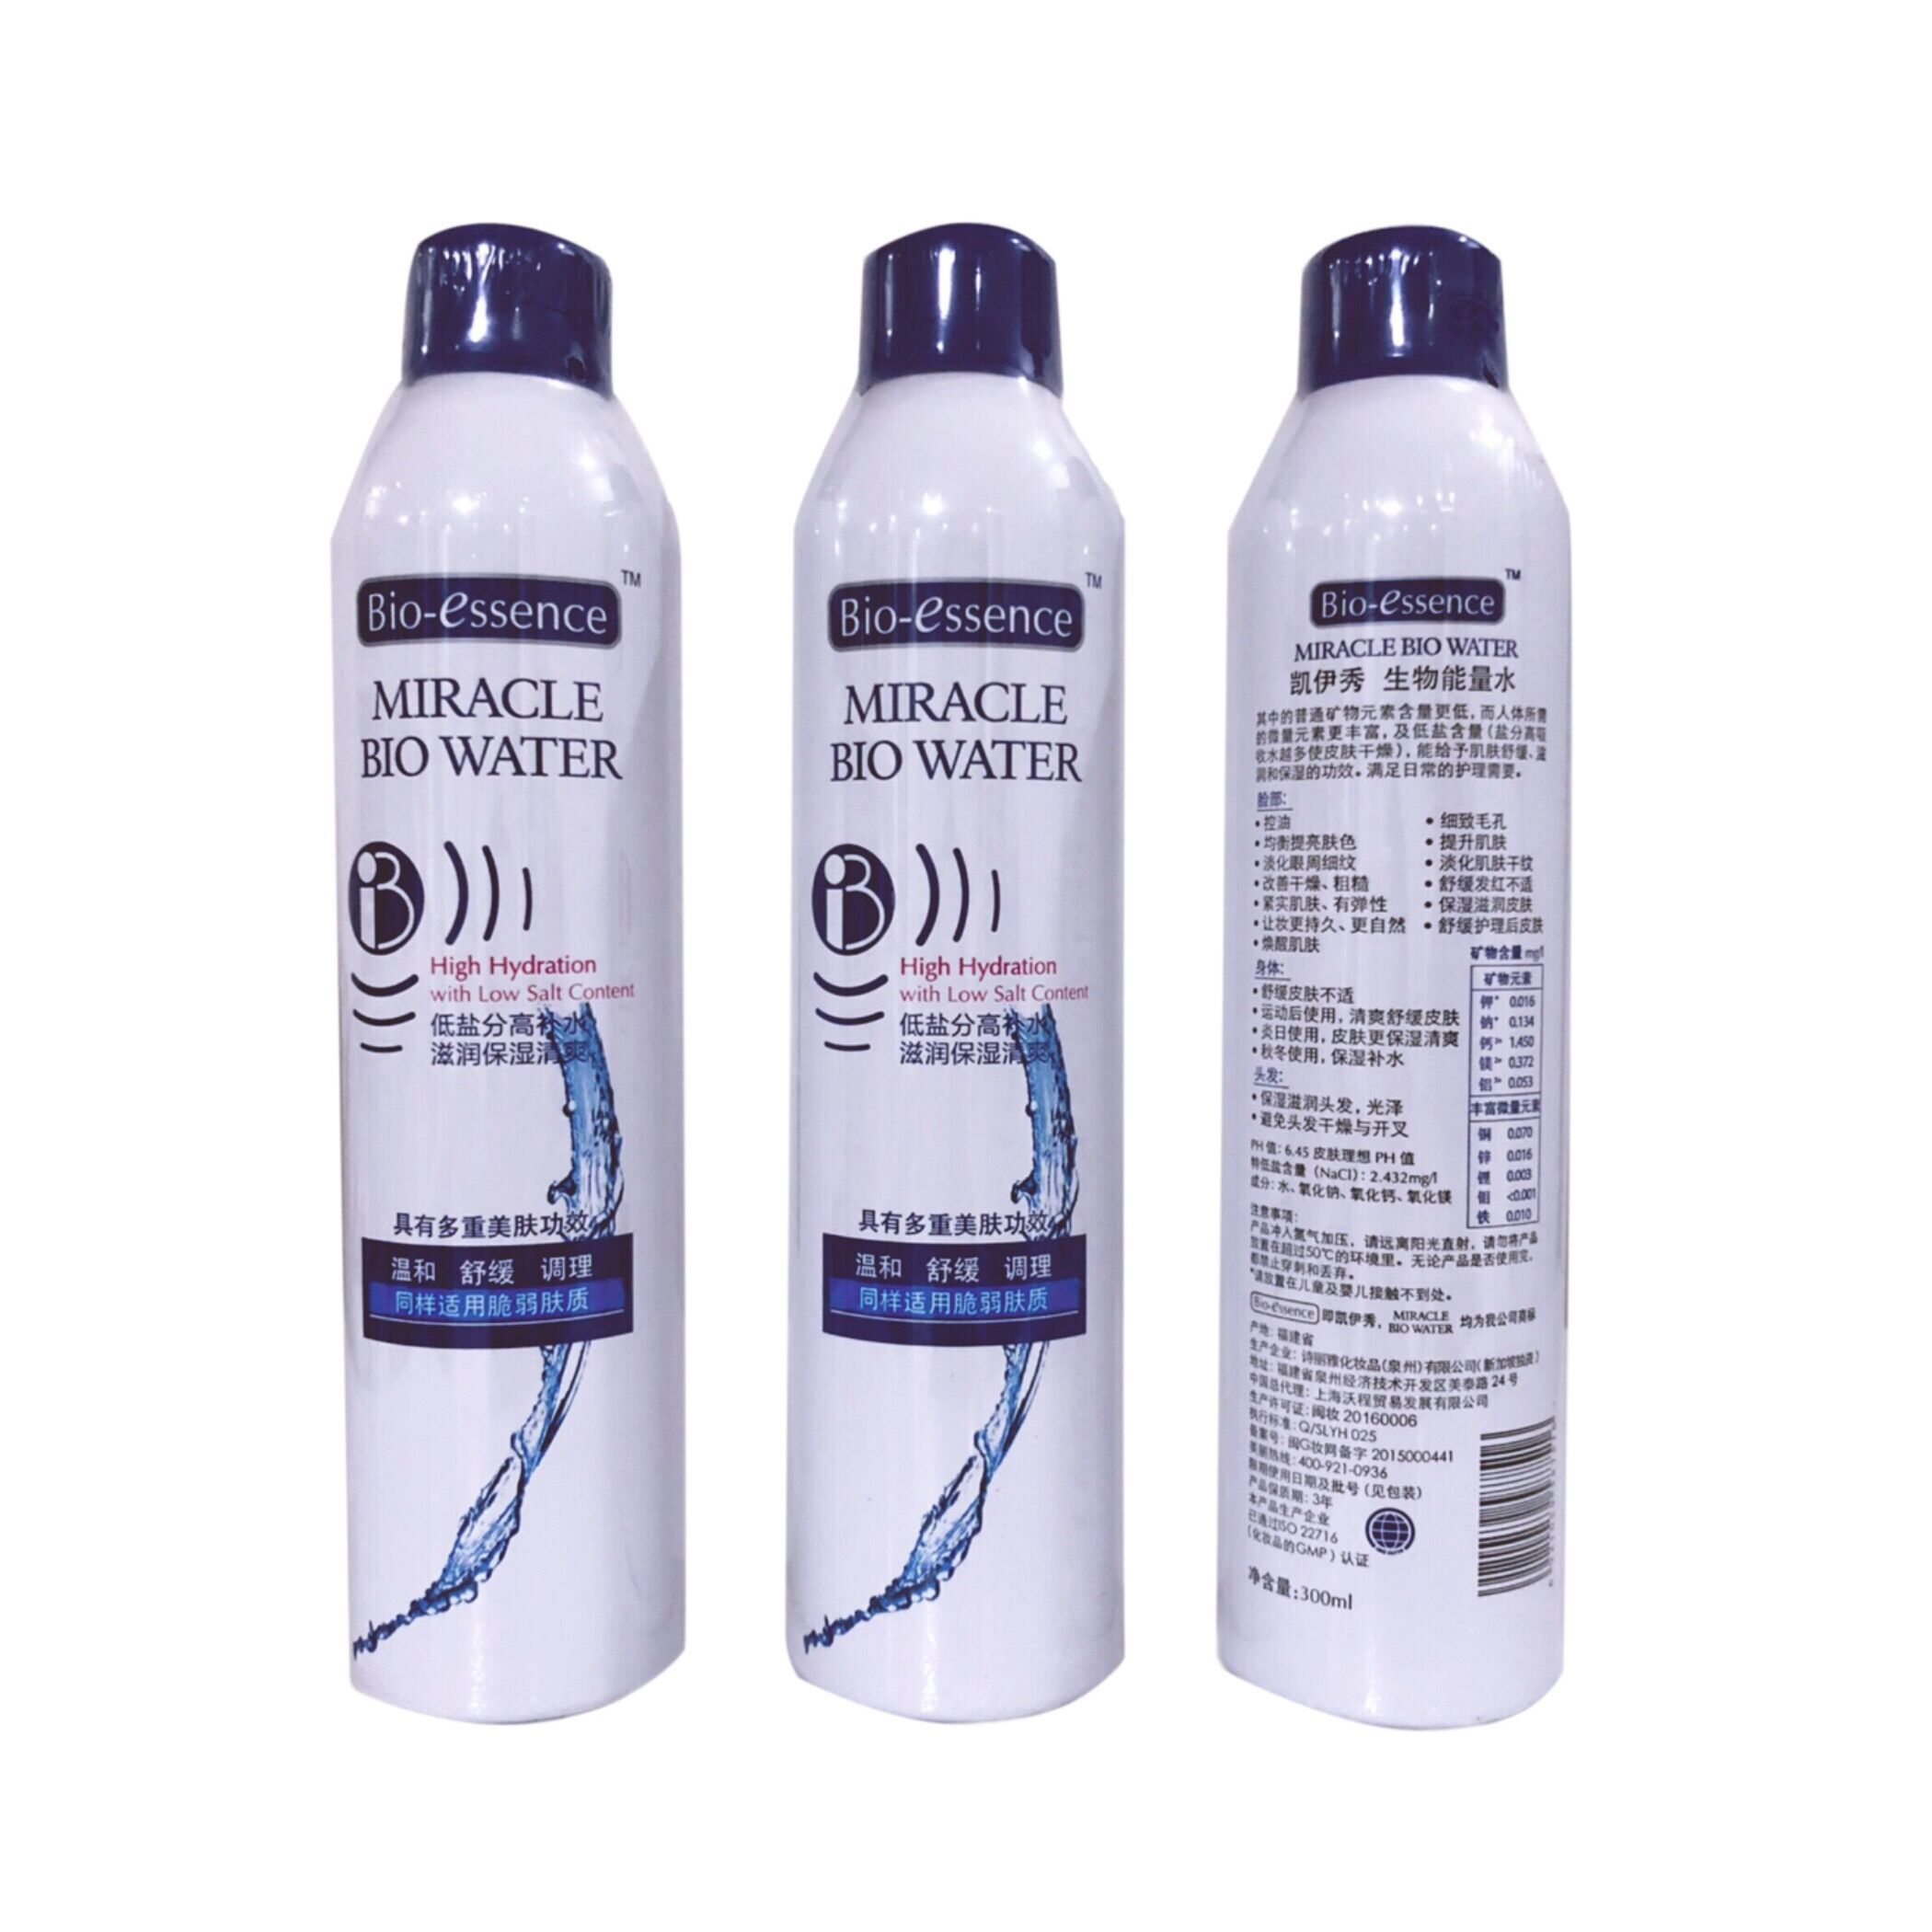 瓶补水舒缓定妆晒后修复 300ML3 正品凯伊秀生物能量泉水面部喷雾